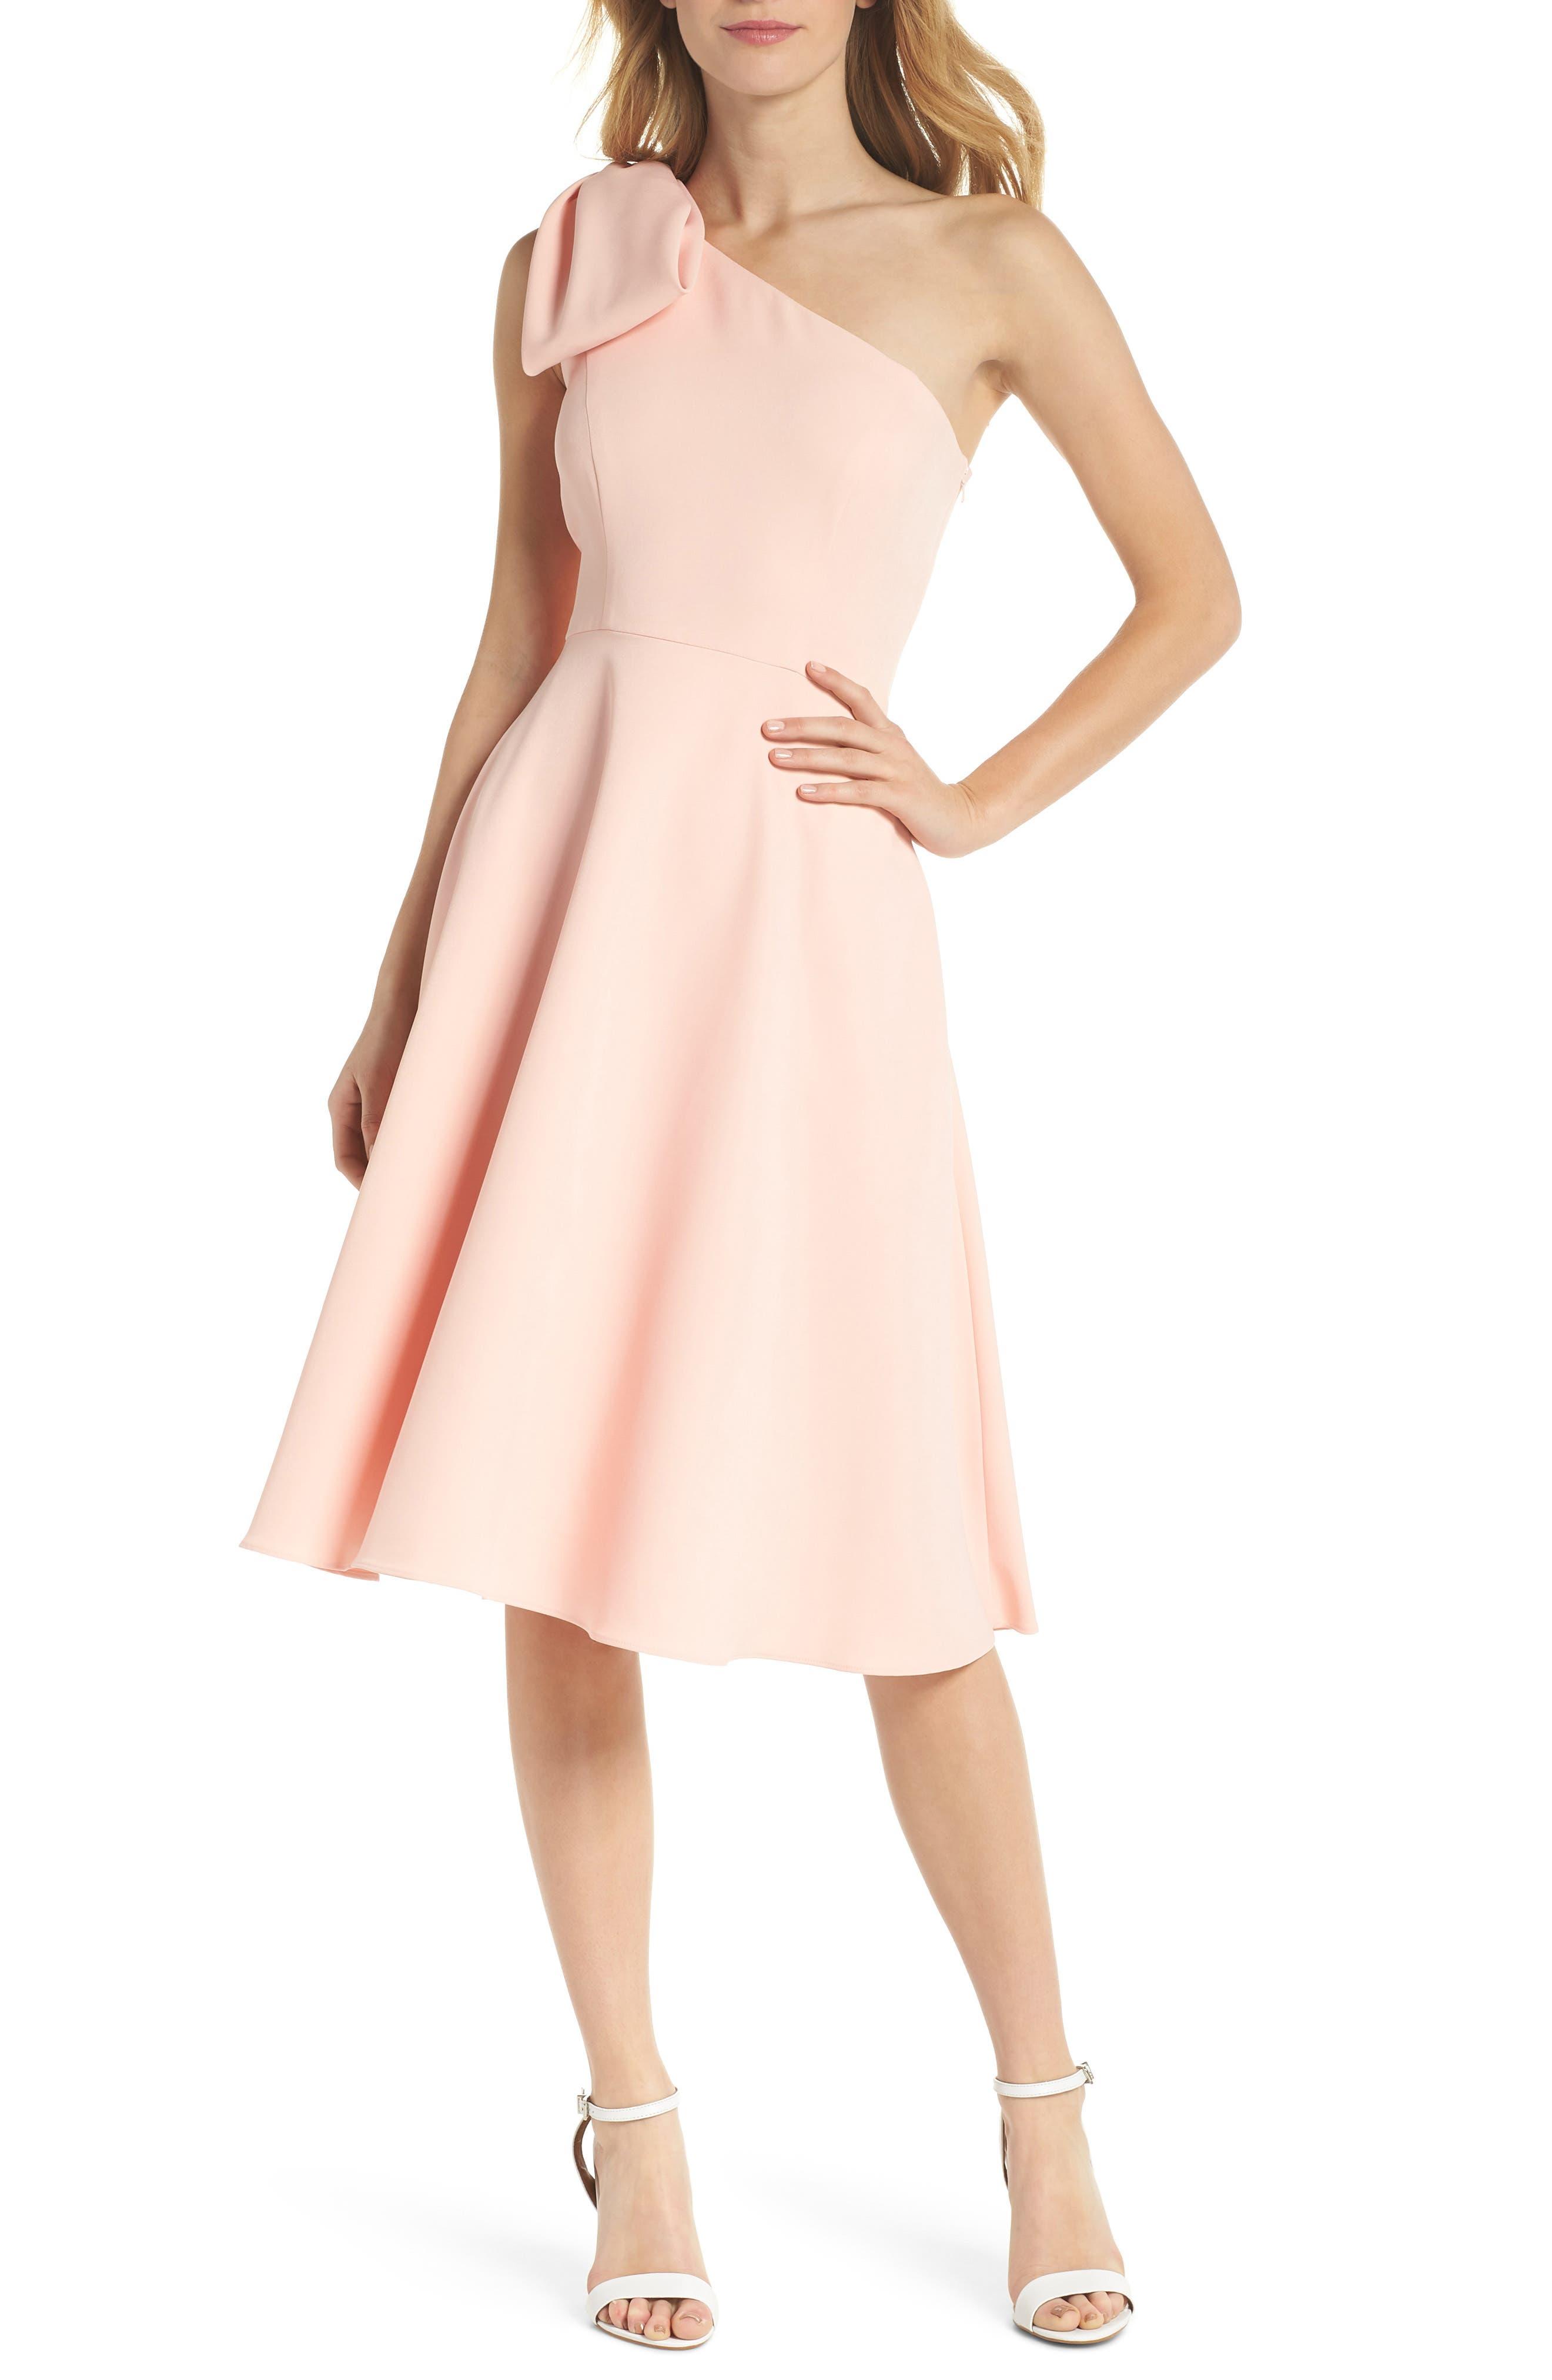 Yvonne Dream Crepe One-Shoulder Dress,                             Main thumbnail 1, color,                             Rose Quartz